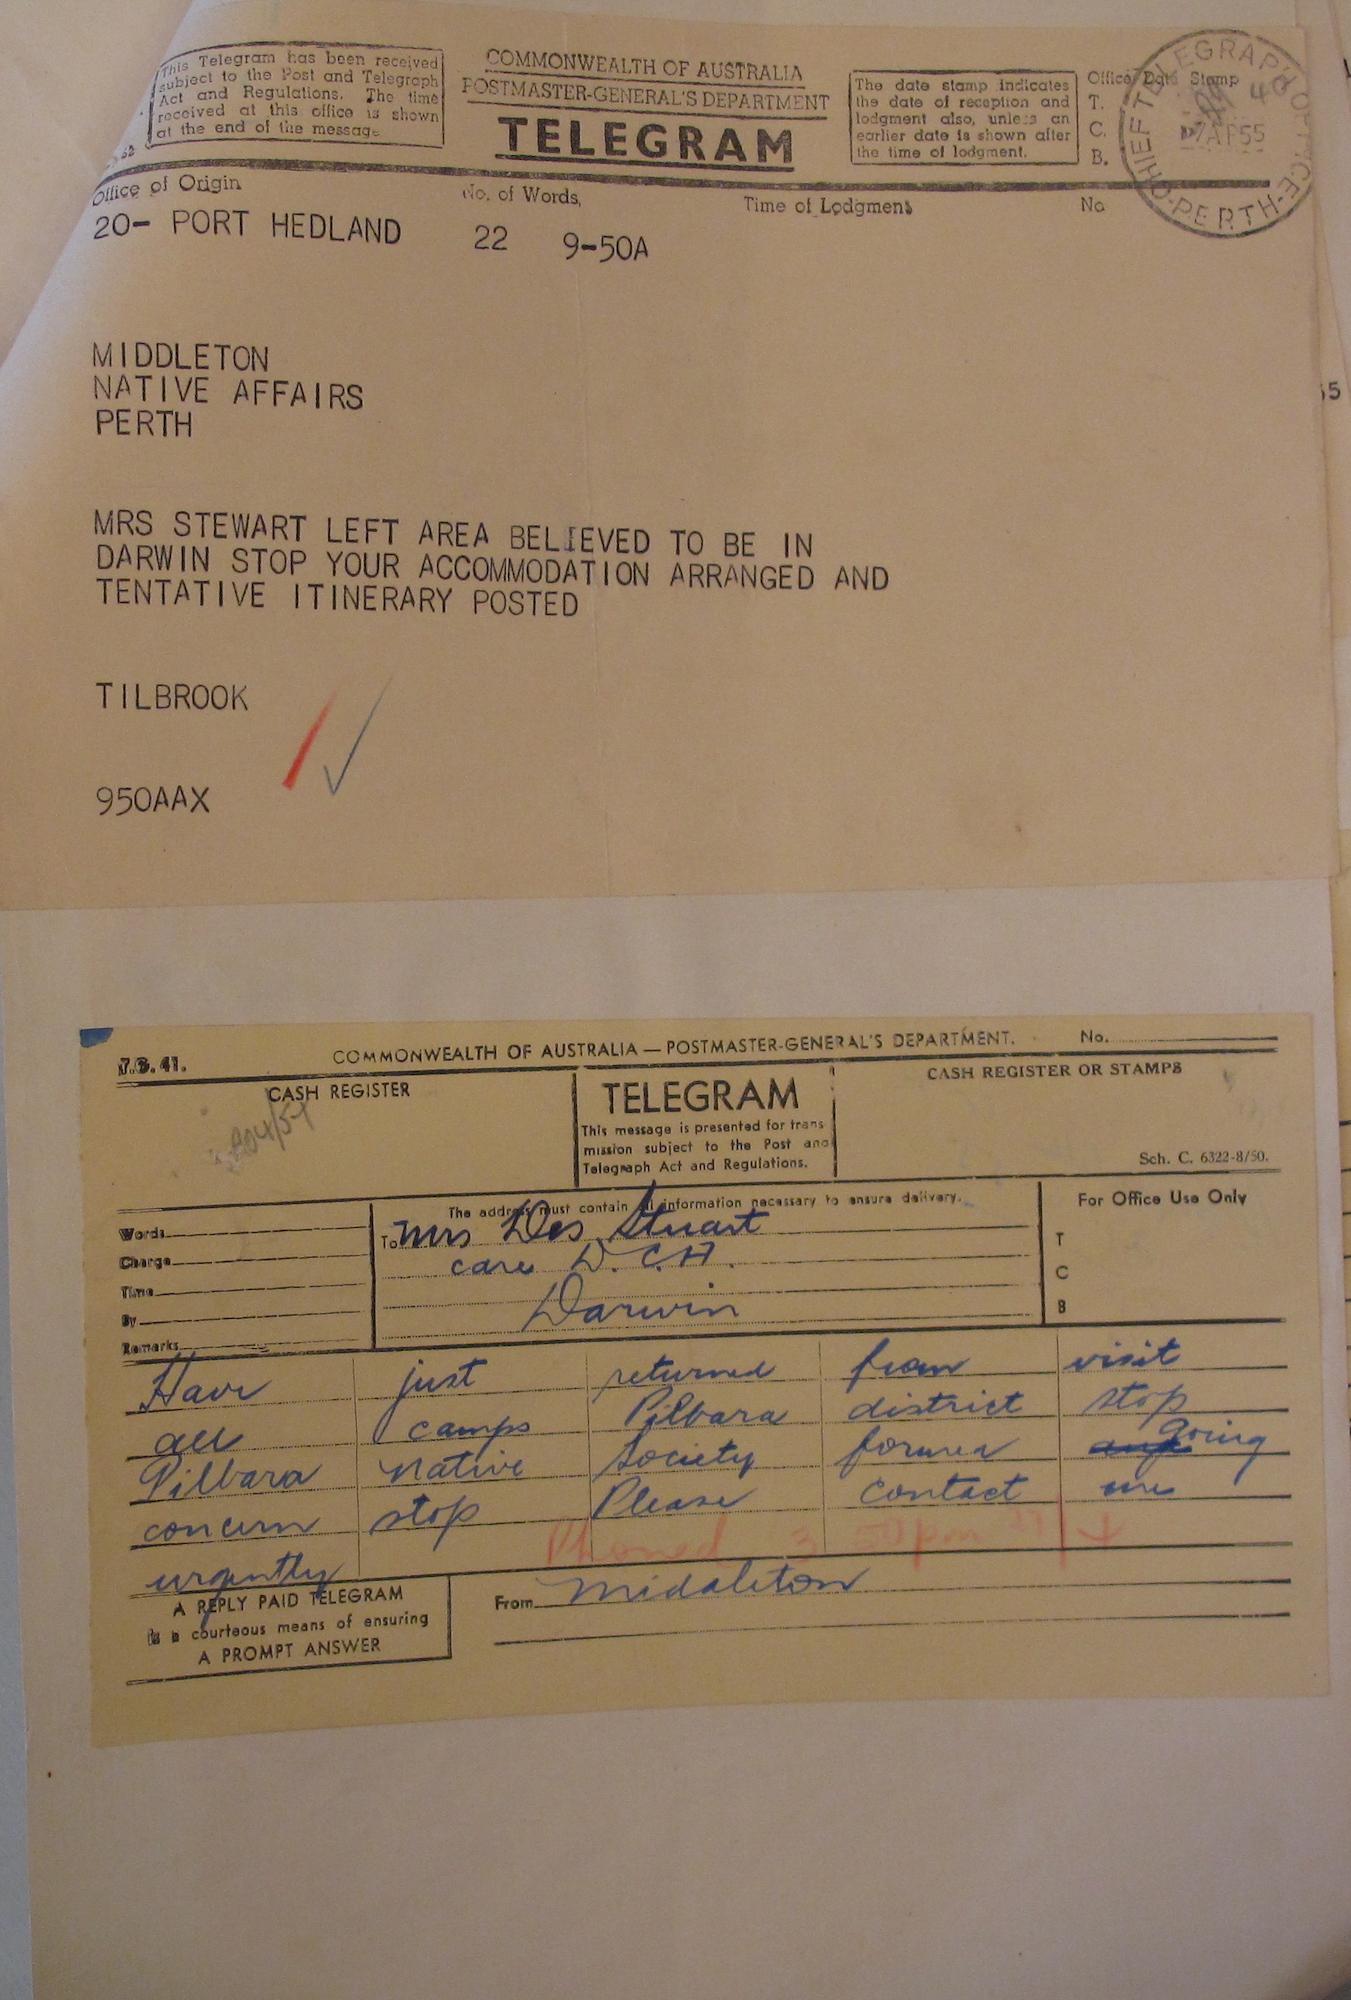 Tilbrook to Middleton, 7 April 1955